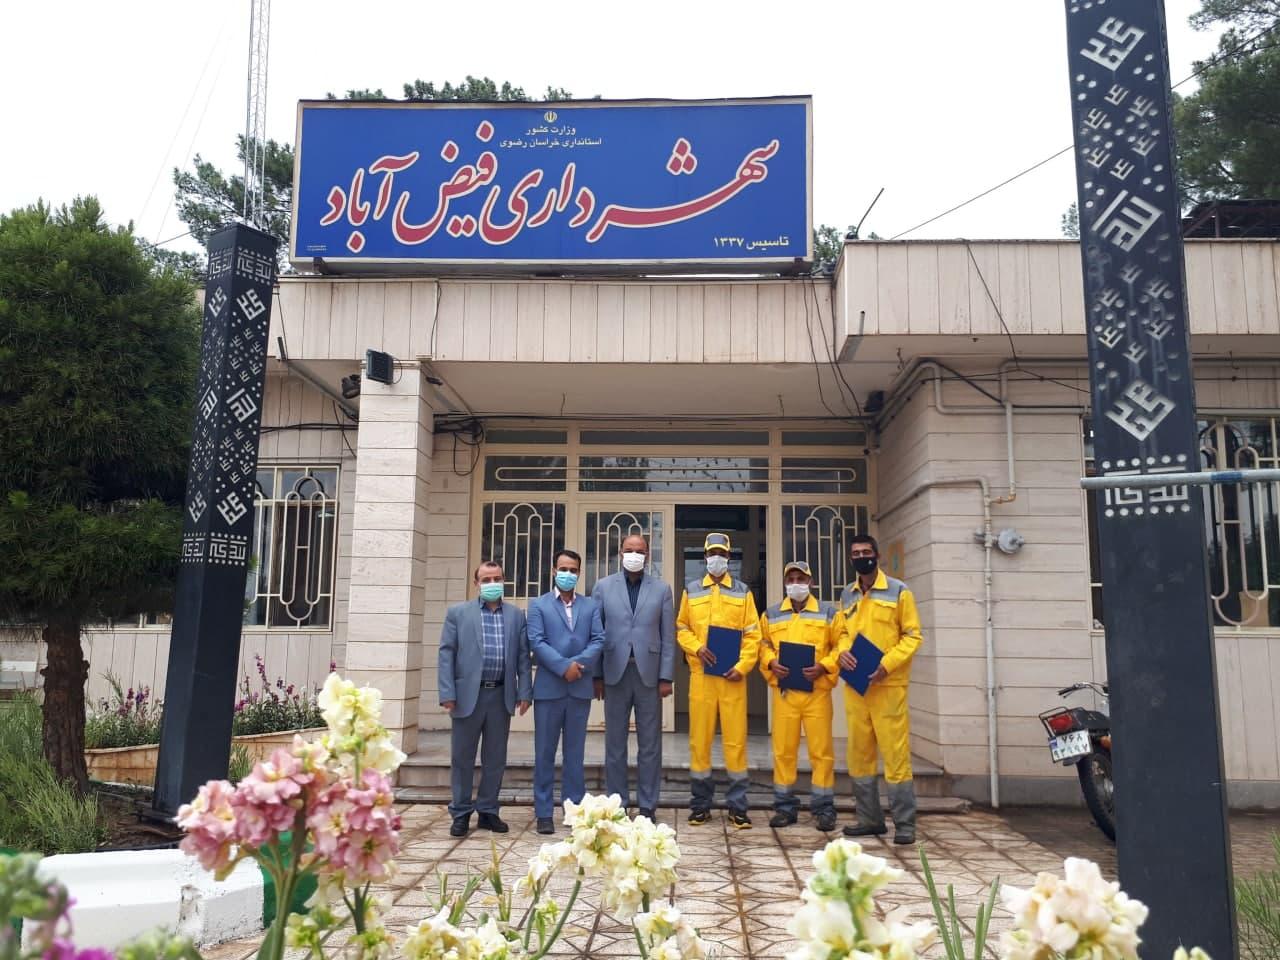 مراسم تقدیر از کارگران شهرداری فیض آباد به مناسبت روز کارگر برگزار شد